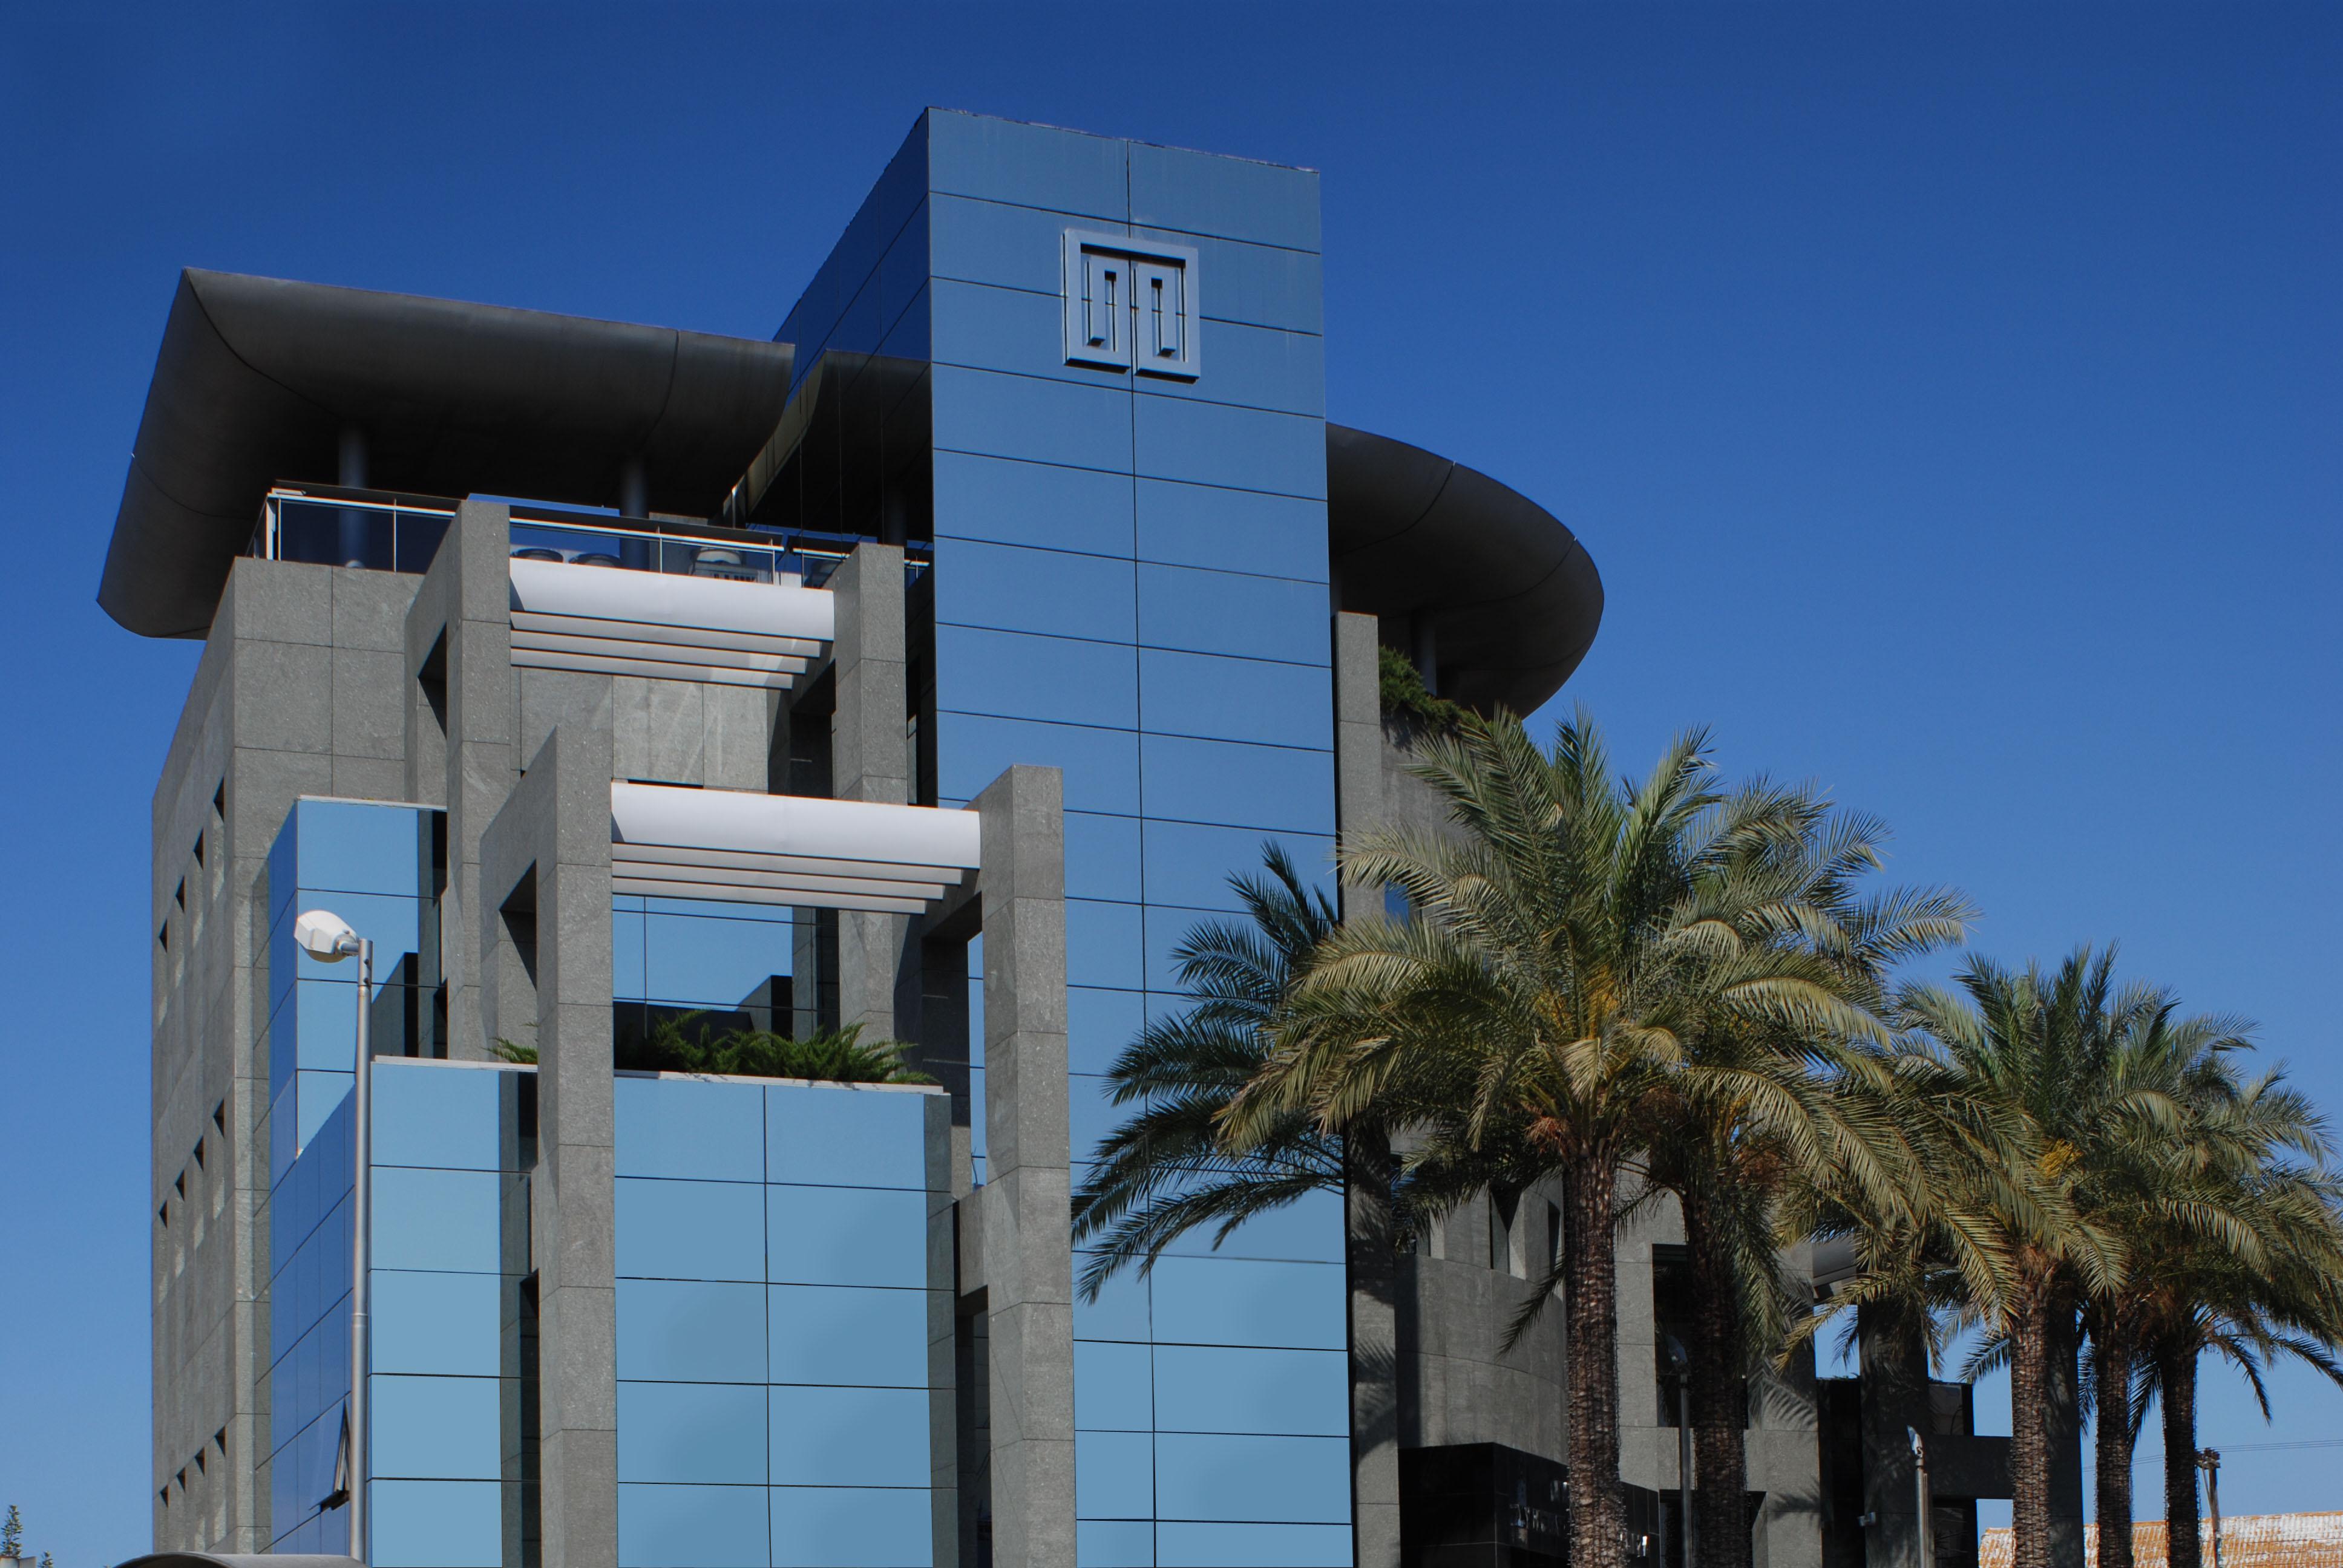 Παγκρήτια Tράπεζα: Σπουδαία συμφωνία 50 εκ. ευρώ με Ευρωπαϊκή Τράπεζα Επενδύσεων